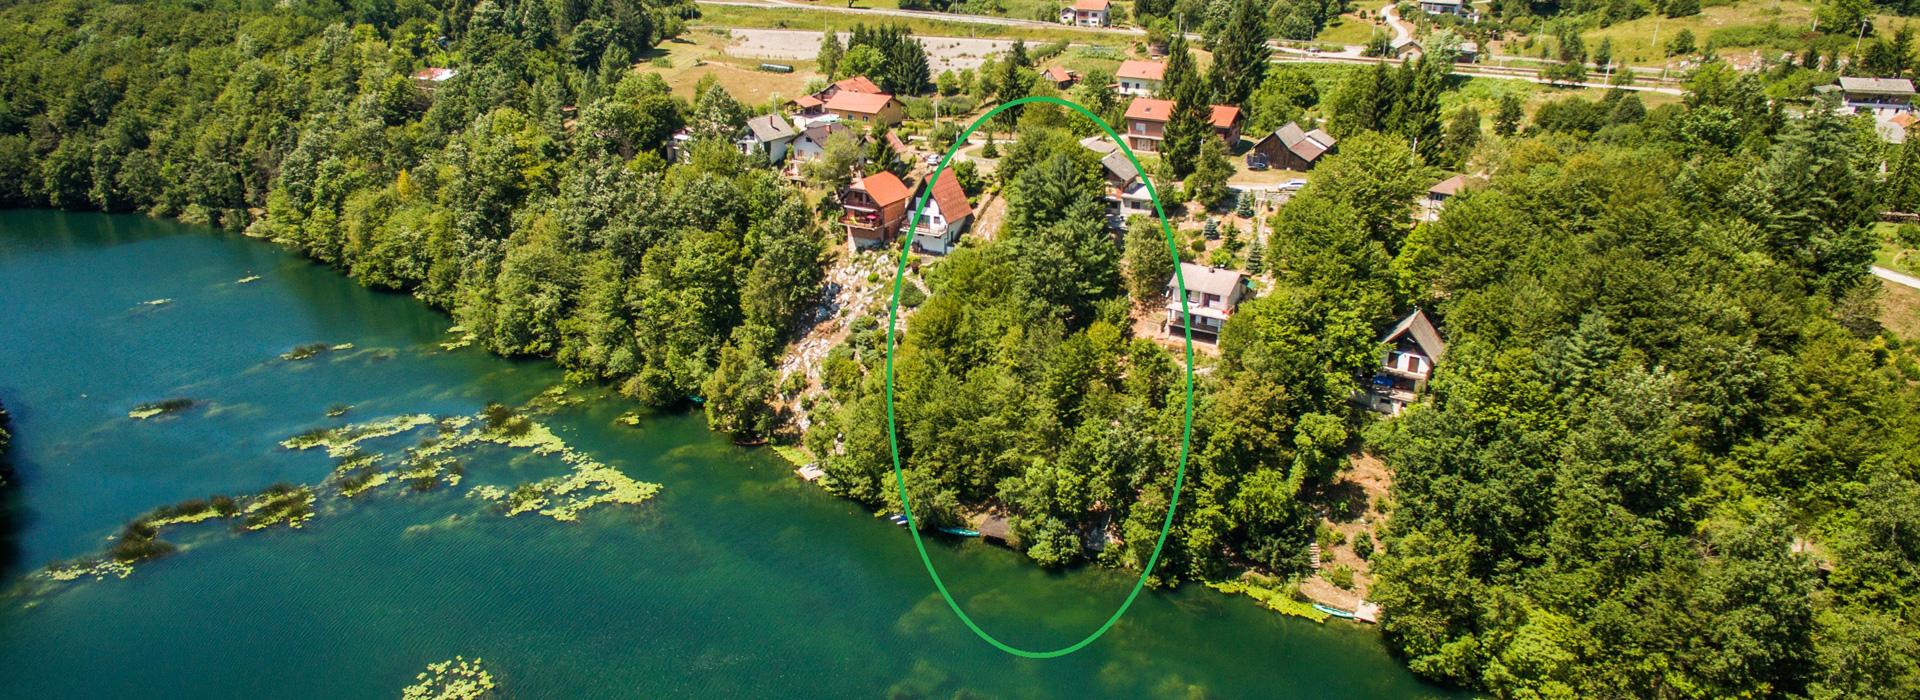 Uz rijeku Mrežnicu